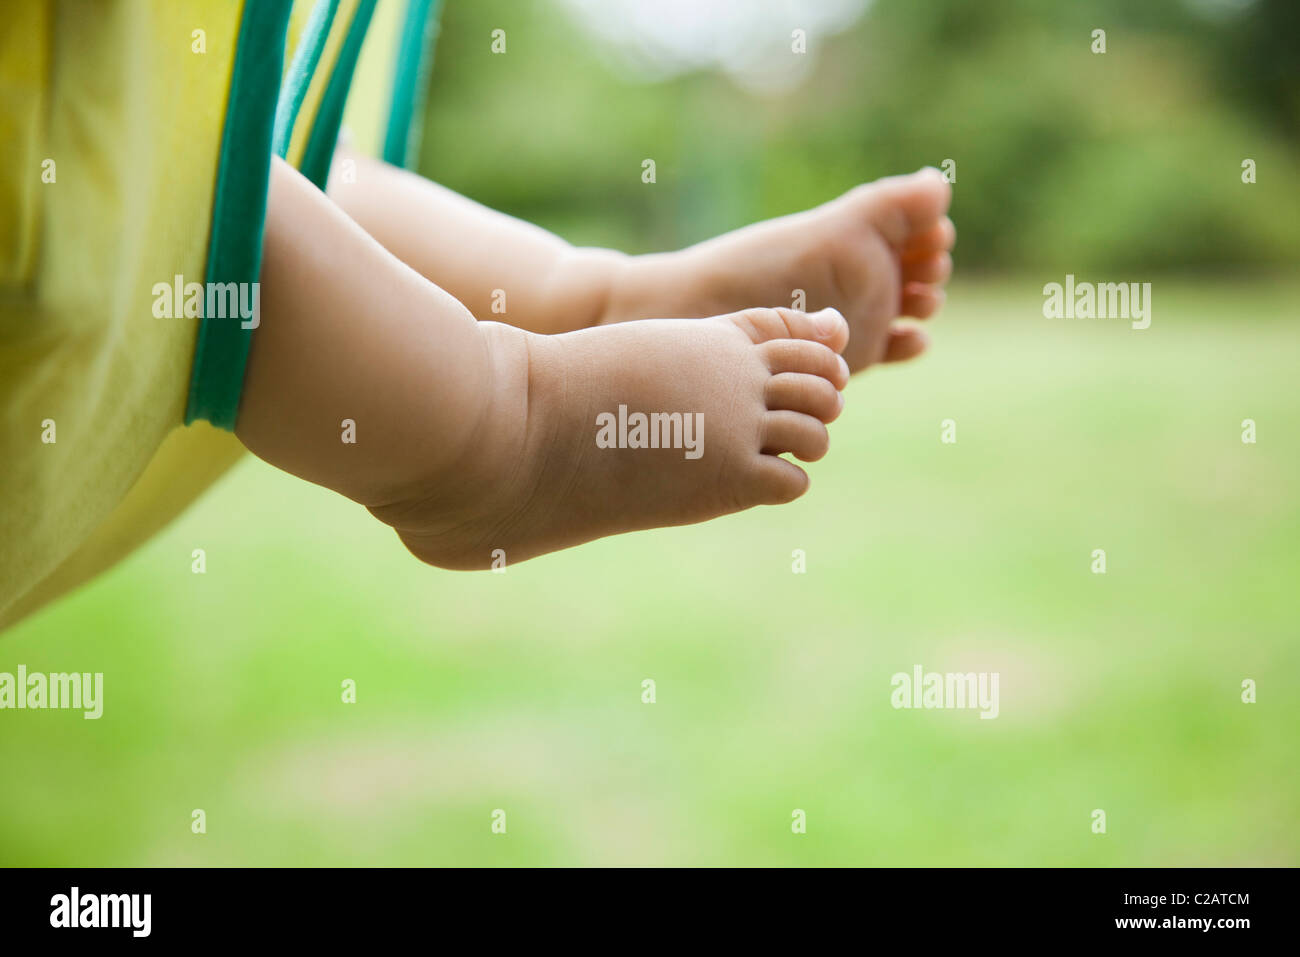 Baby's feet - Stock Image